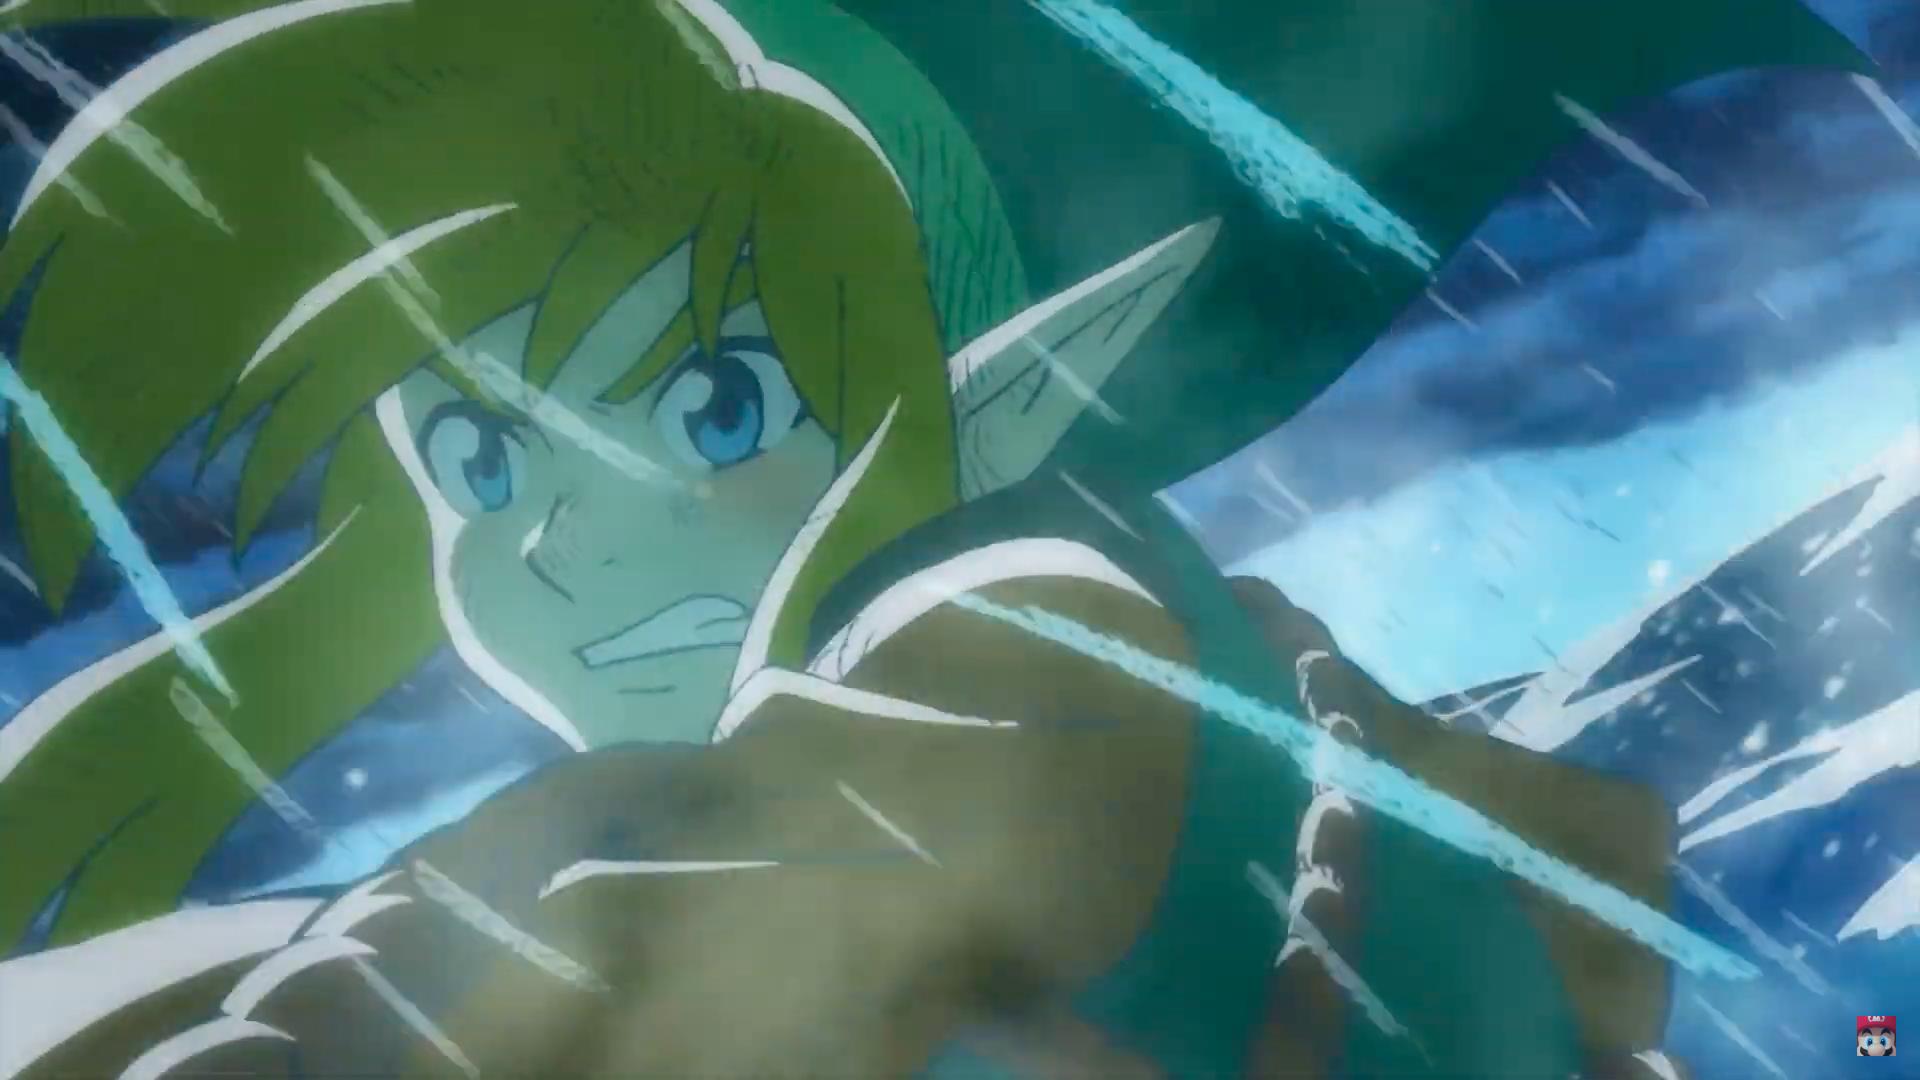 The Legend of Zelda: Link's Awakening remake coming to Nintendo